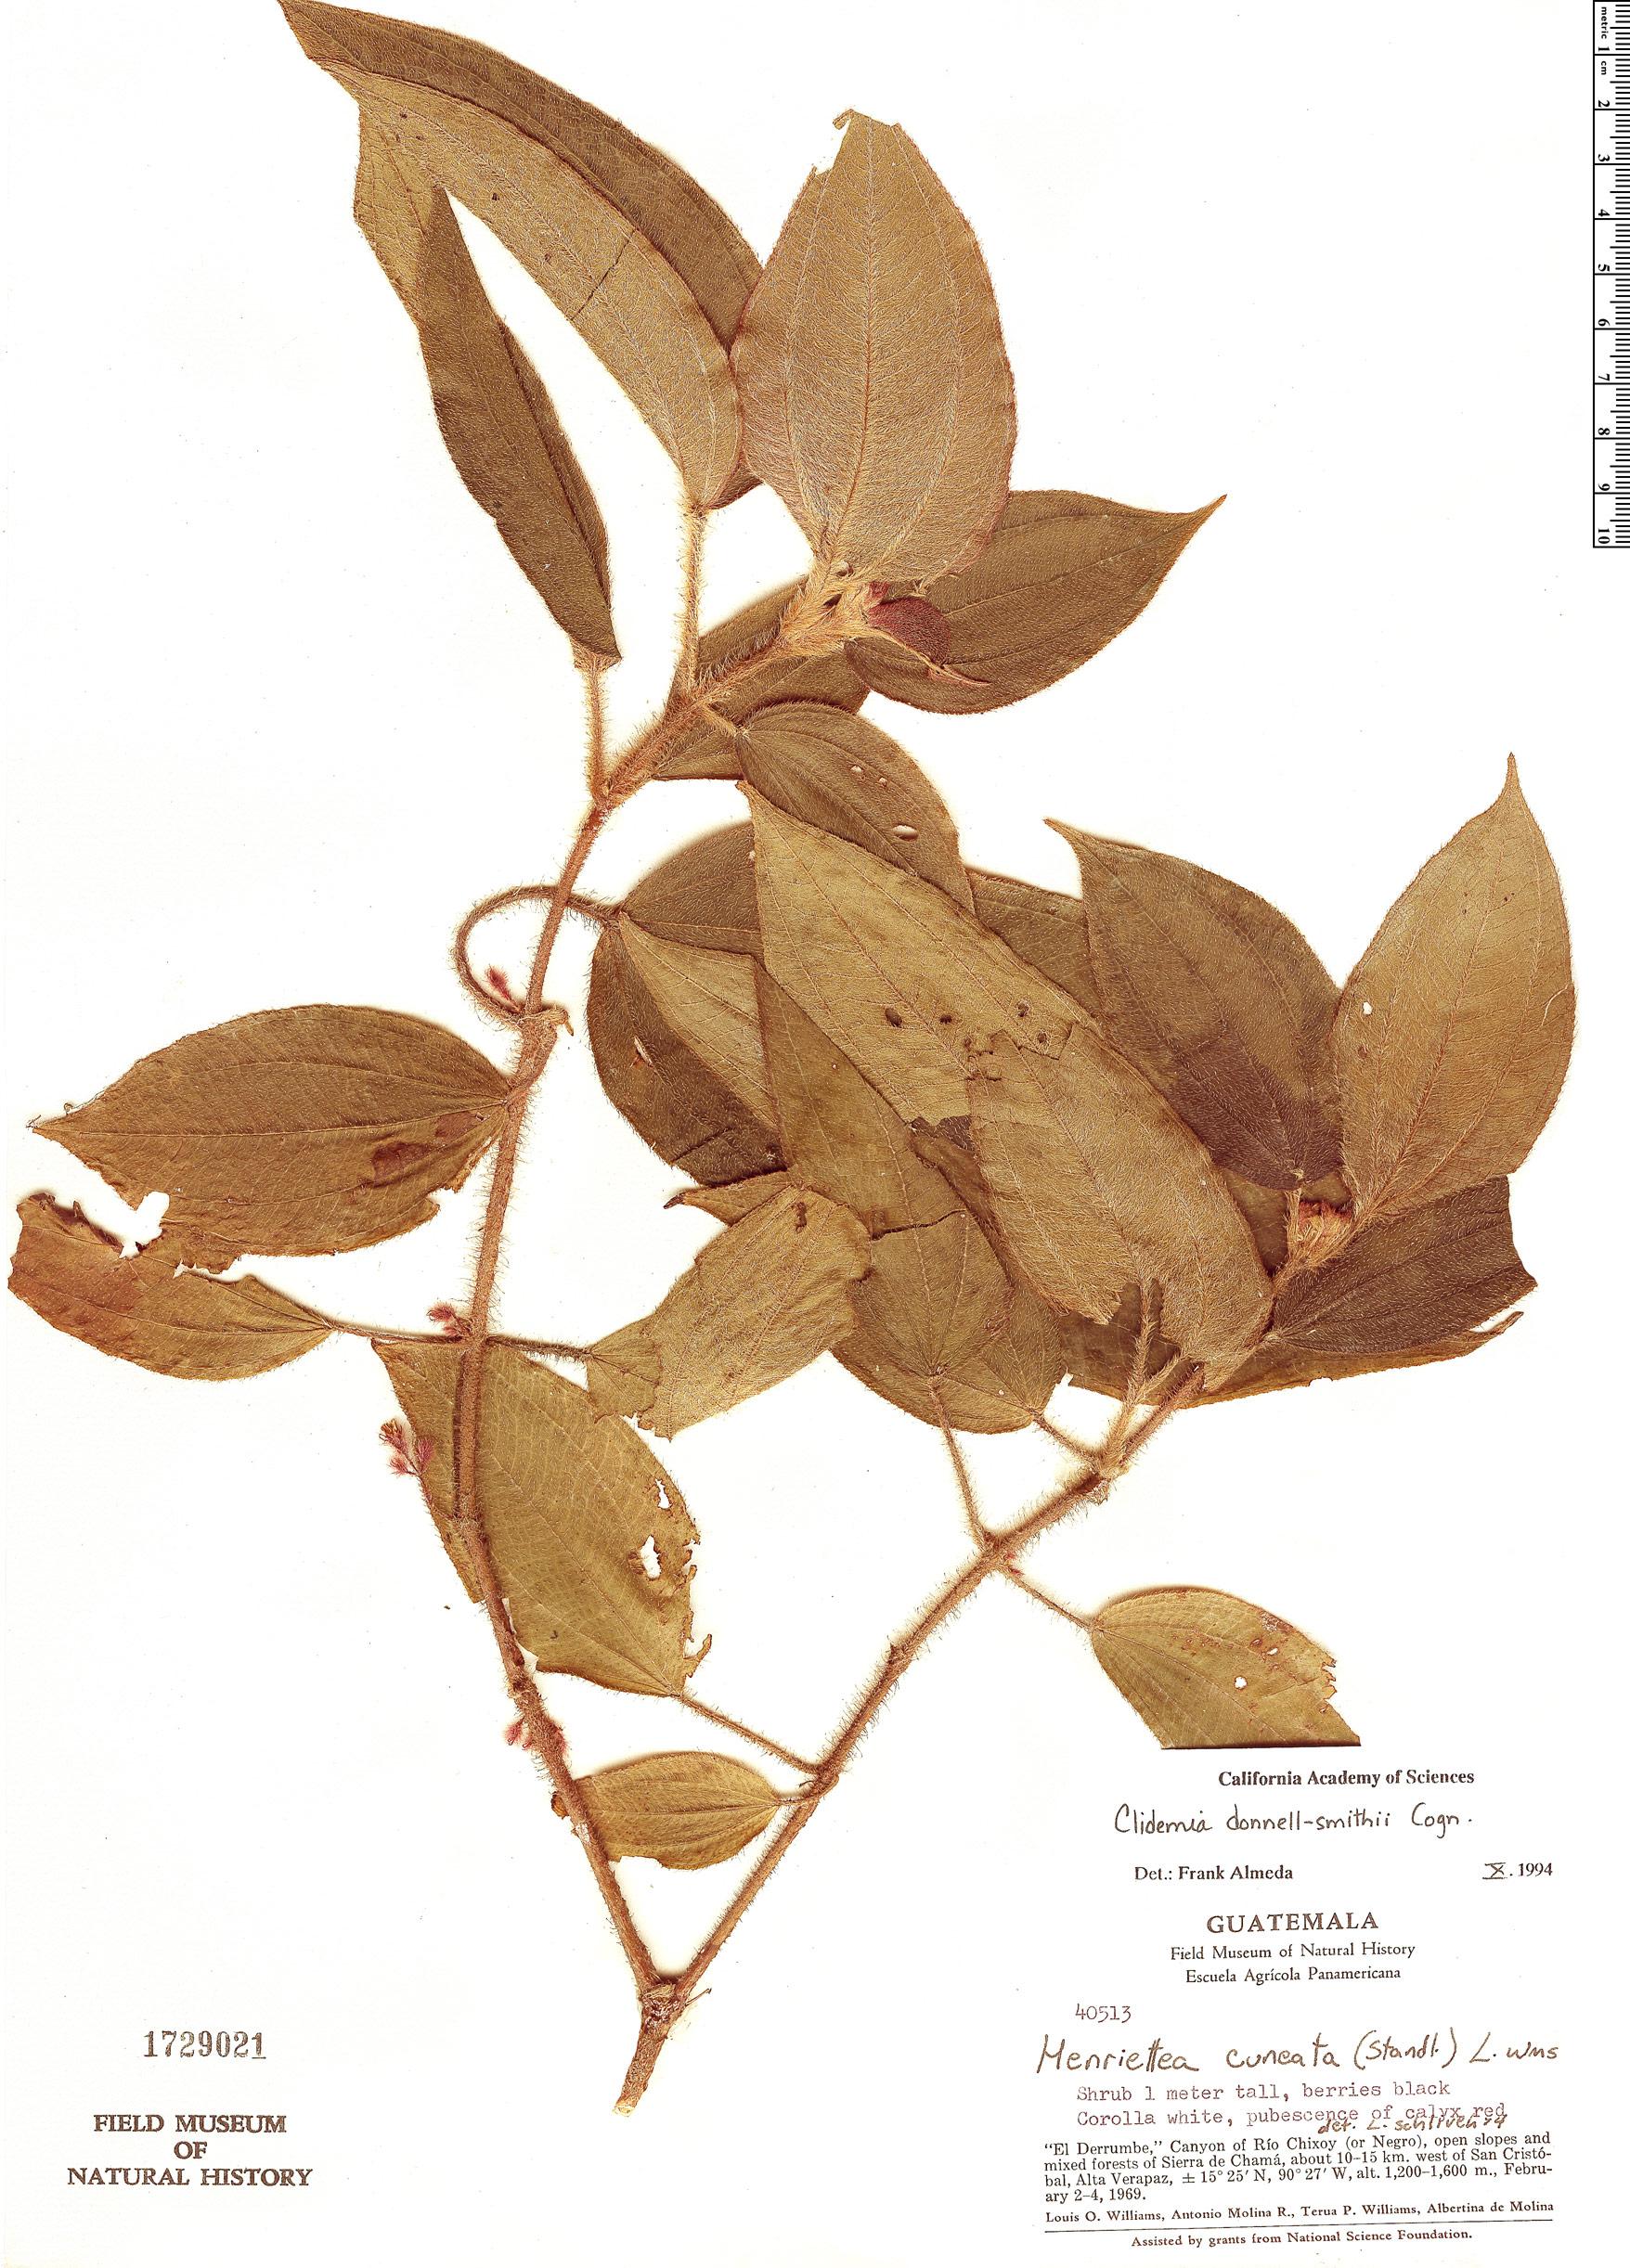 Specimen: Clidemia donnell-smithii